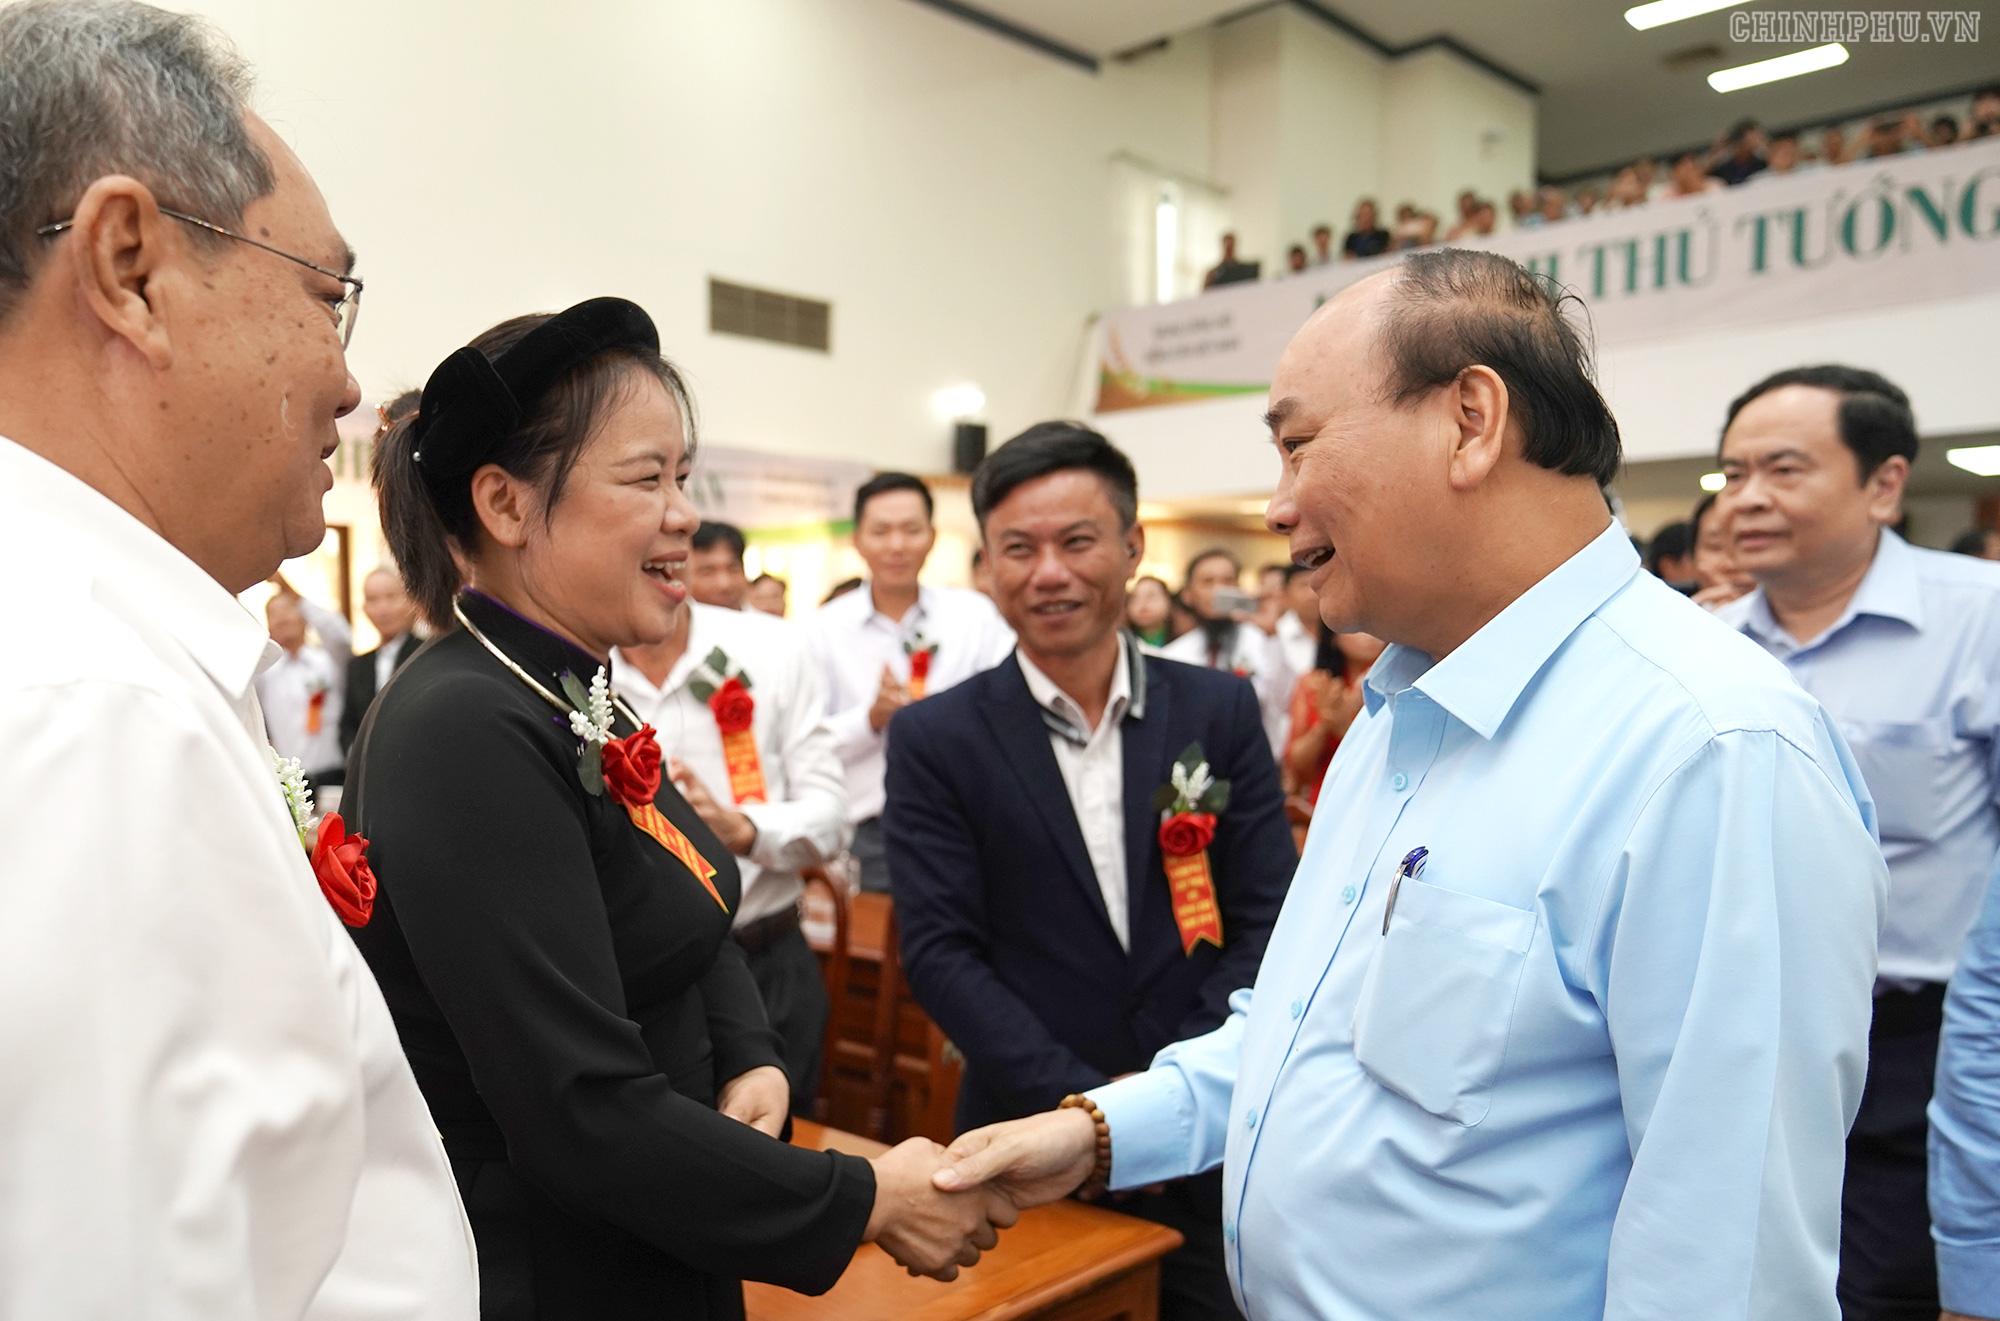 Thủ tướng đối thoại với nông dân lần thứ 3 tại Đắk Lắk - Ảnh 1.